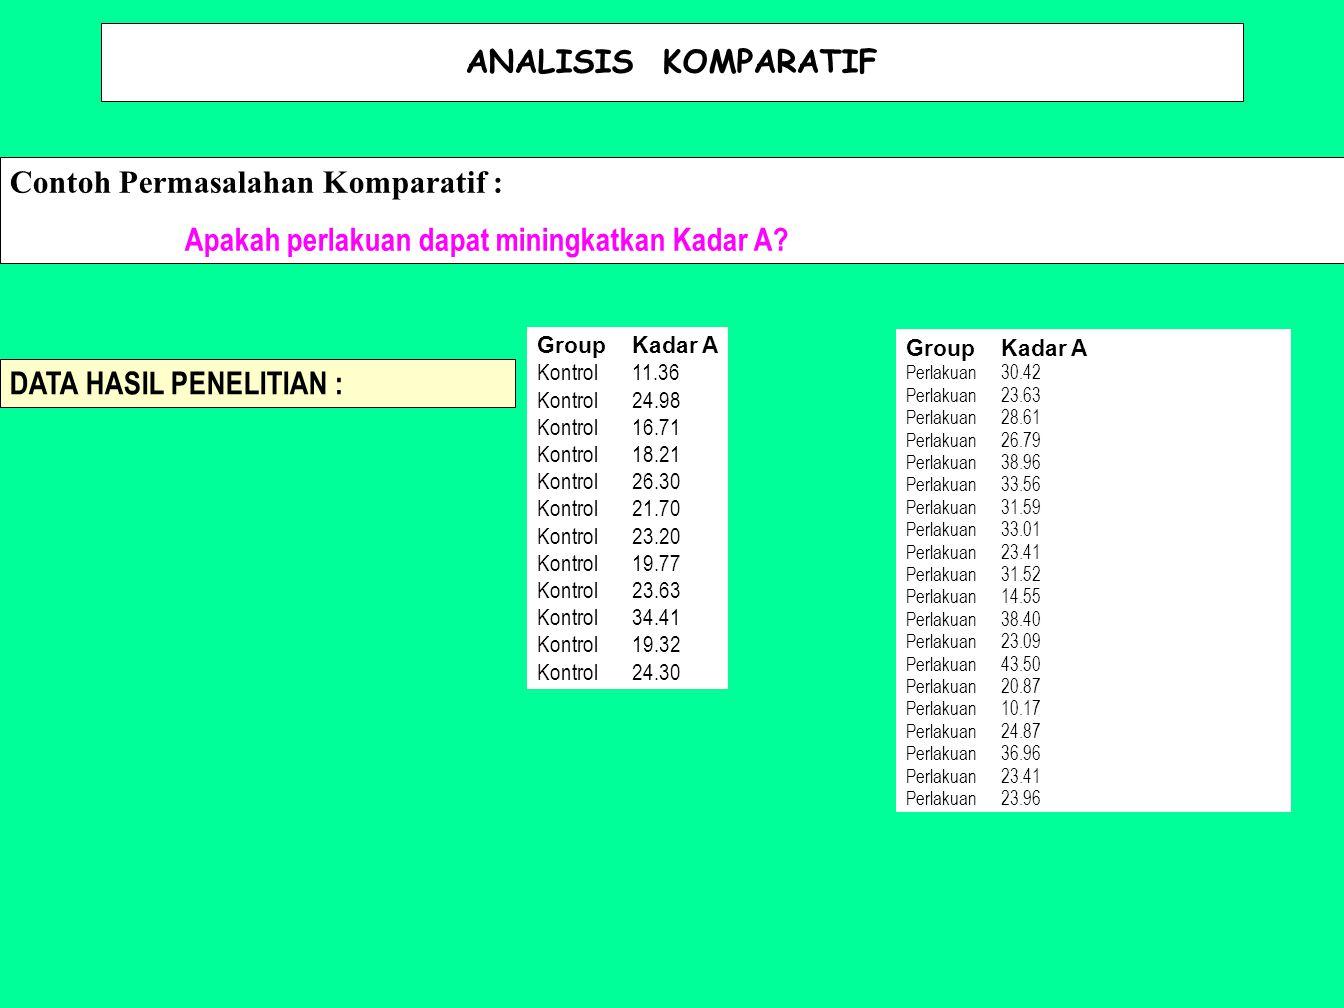 ANALISIS KOMPARATIF Contoh Permasalahan Komparatif : Apakah perlakuan dapat miningkatkan Kadar A? GroupKadar A Kontrol11.36 Kontrol24.98 Kontrol16.71